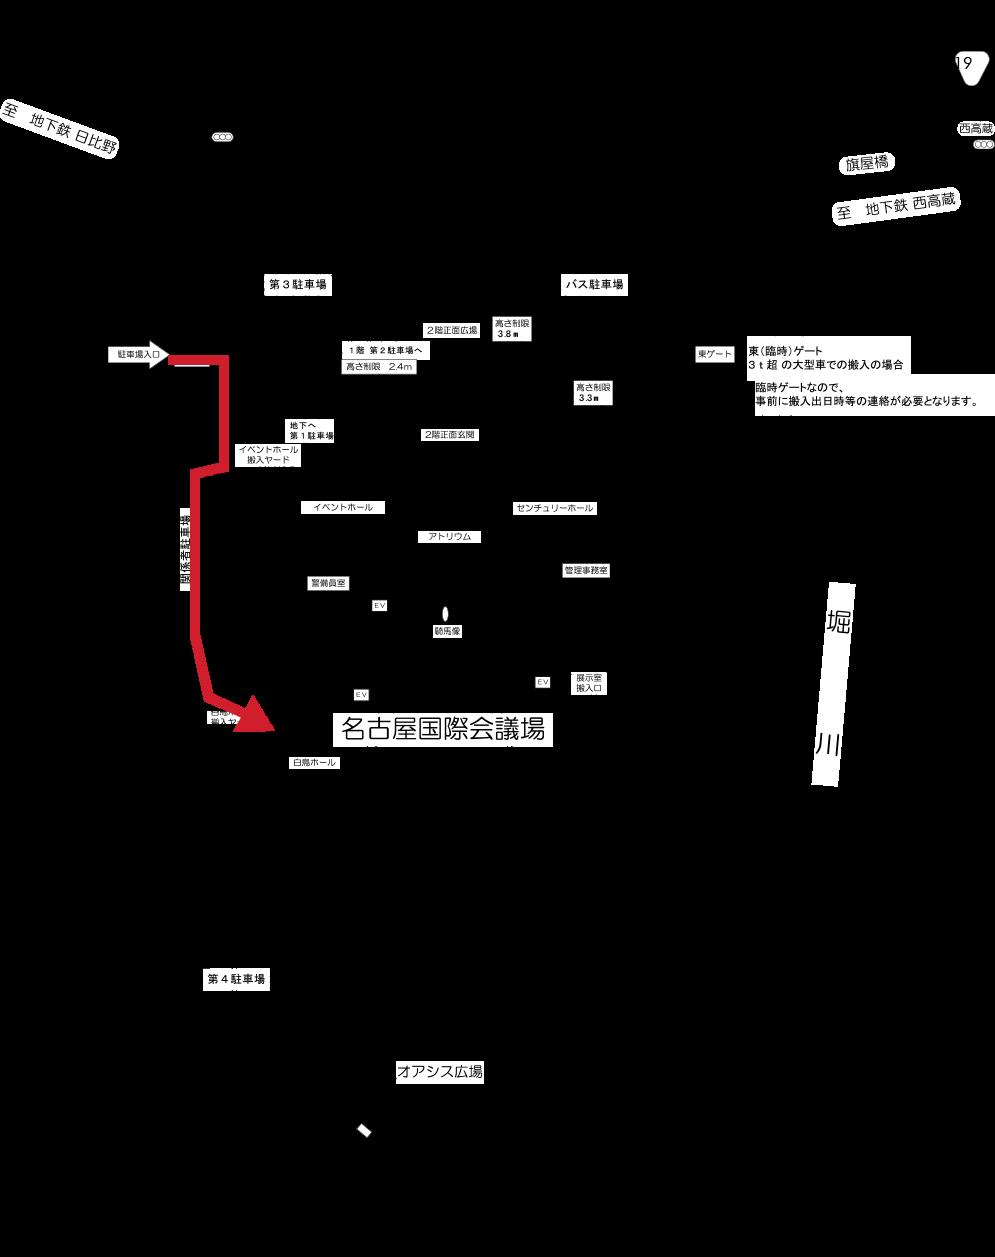 4号館搬入口の経路イメージ